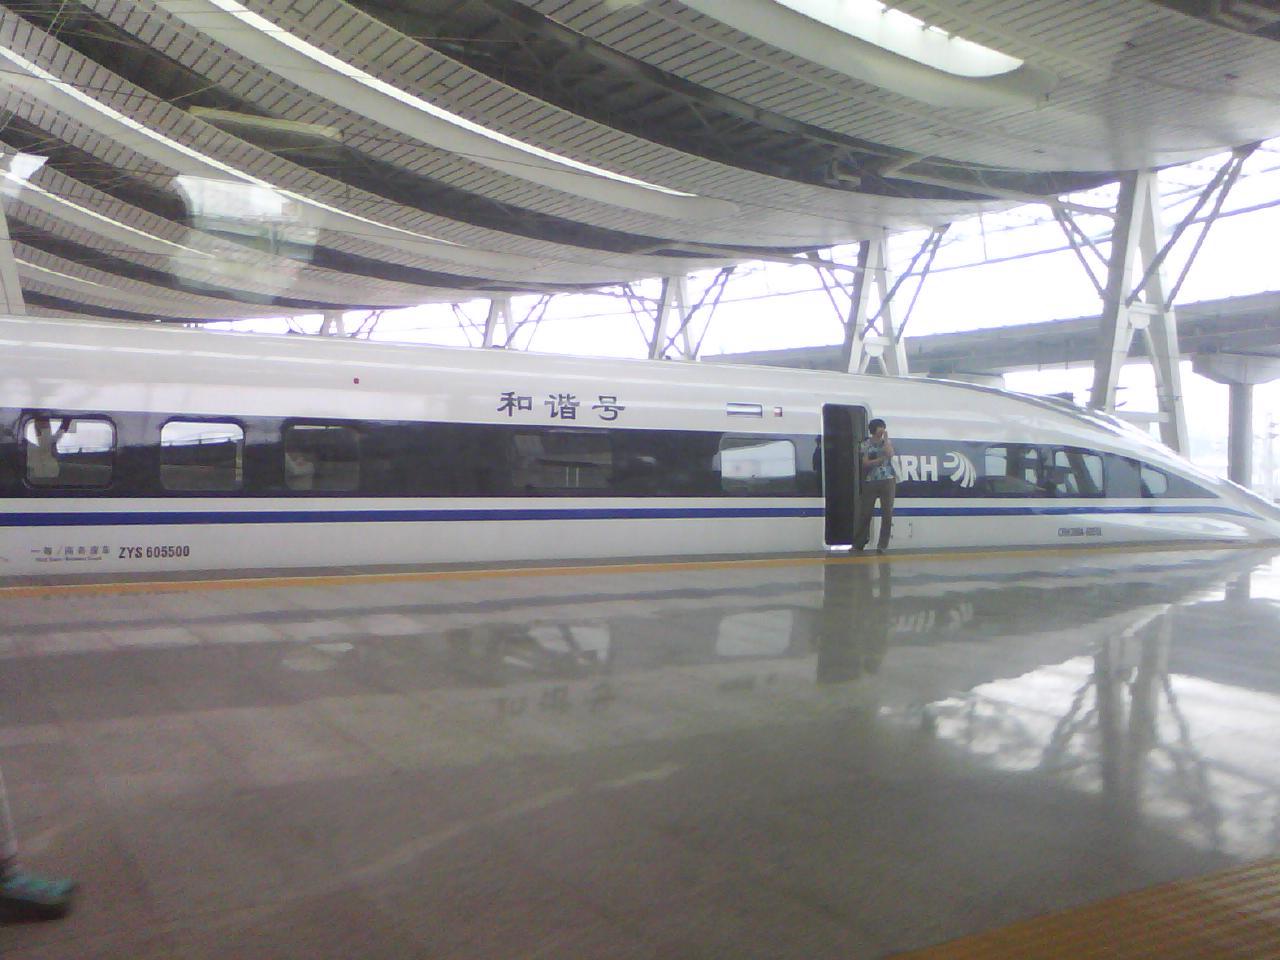 安阳到郑州机场大巴_郑州东到安阳的高铁_安阳到郑州的火车票查询_安阳到郑州的列车 ...